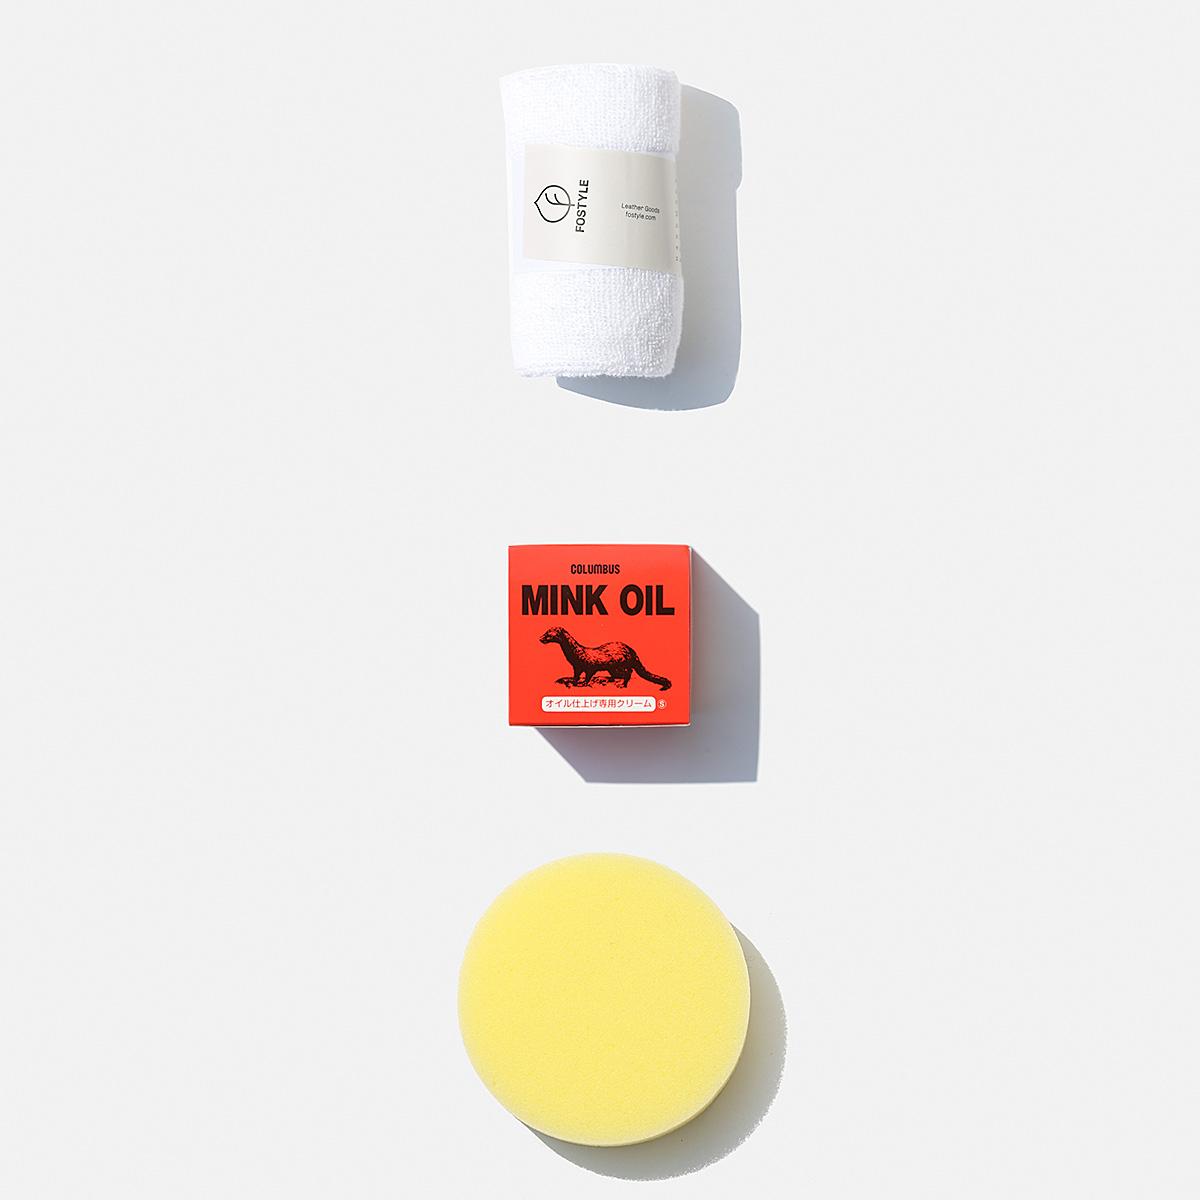 植鞣皮革护理保养油 哥伦布斯/COLUMBUS黄狼貂油 /TARRAGO防水油